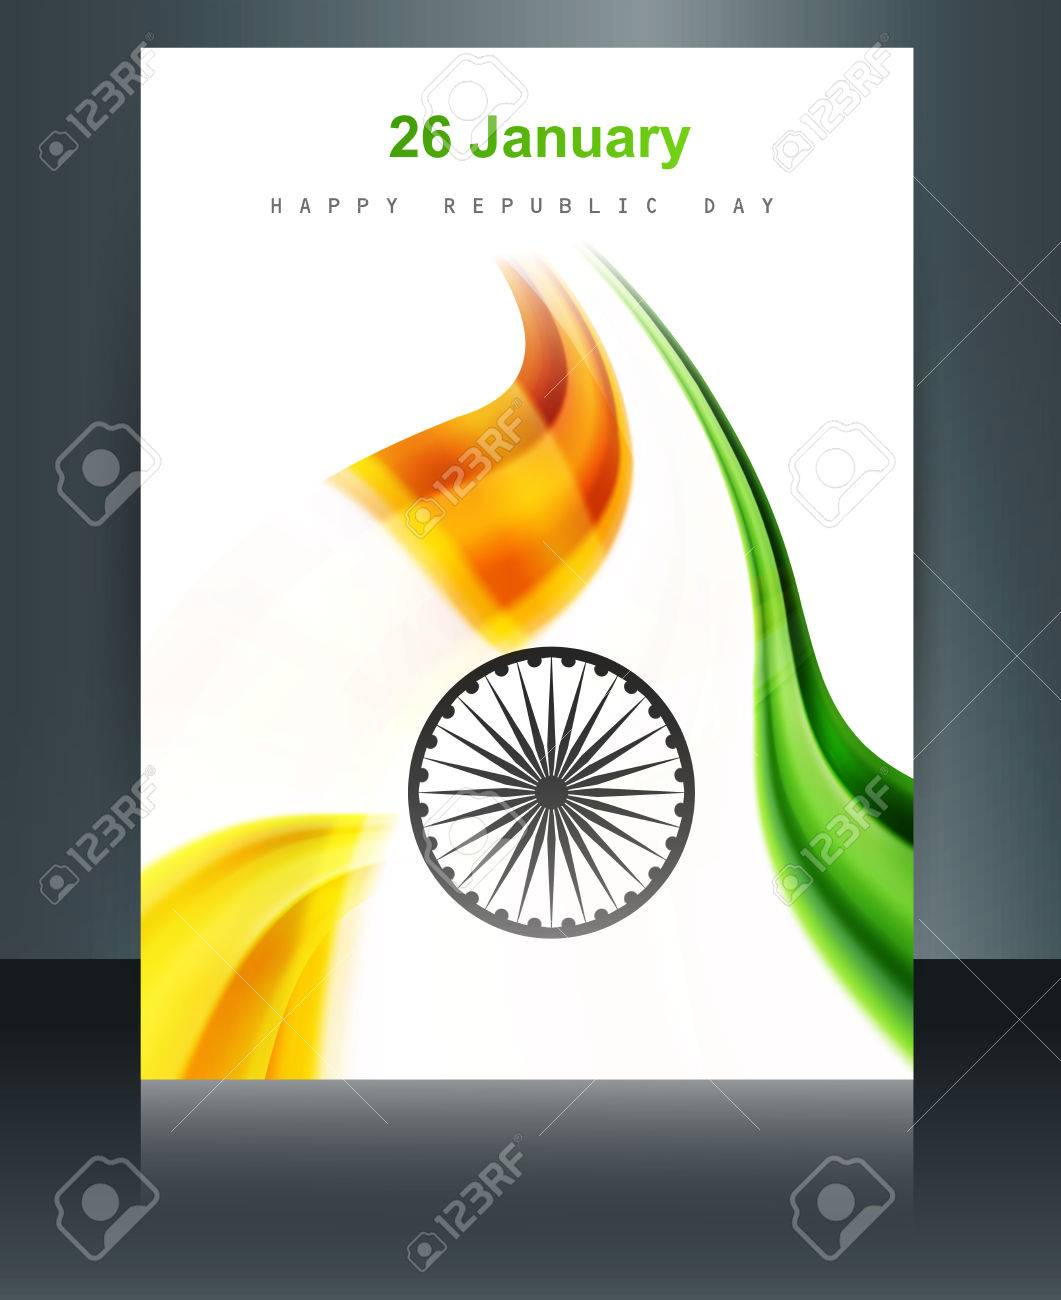 Folleto Bandera India Ilustración Plantilla De Onda Elegante Para El ...